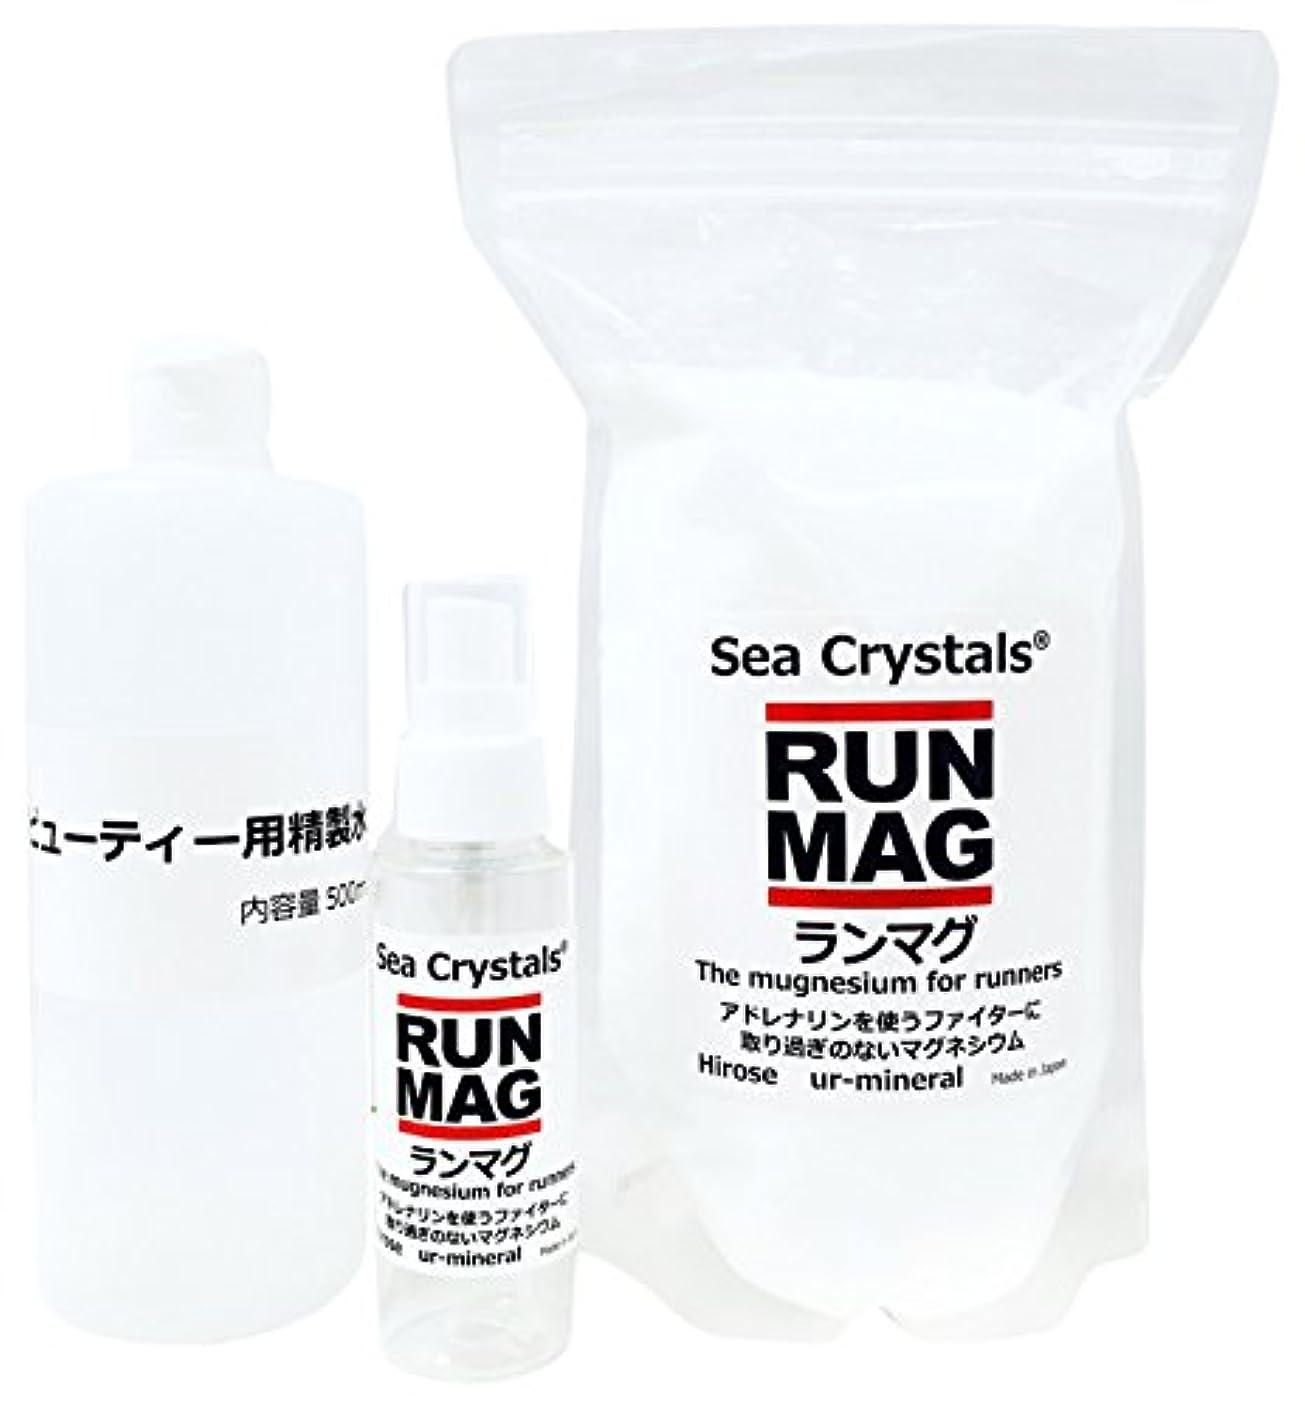 硫黄特性メディックランマグ?マグネシウムオイル 500g 化粧品登録 日本製 1日マグネシウム360mg使用  精製水付き